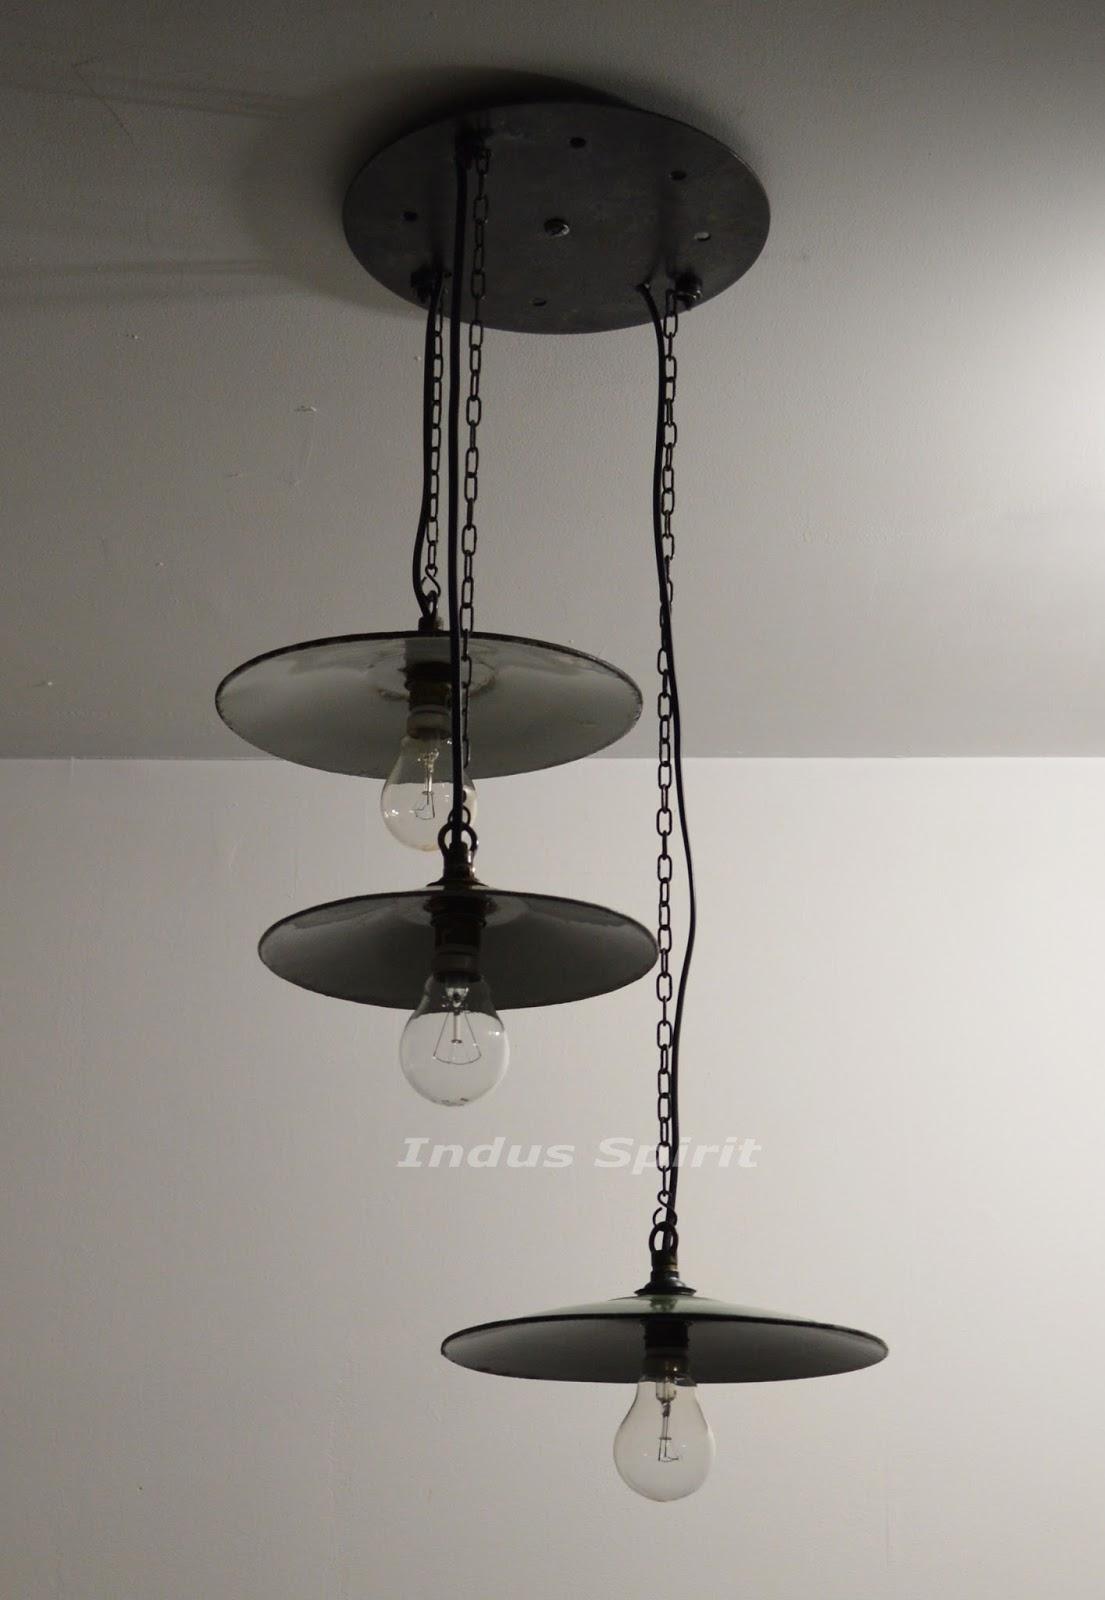 suspension industrielle. Black Bedroom Furniture Sets. Home Design Ideas